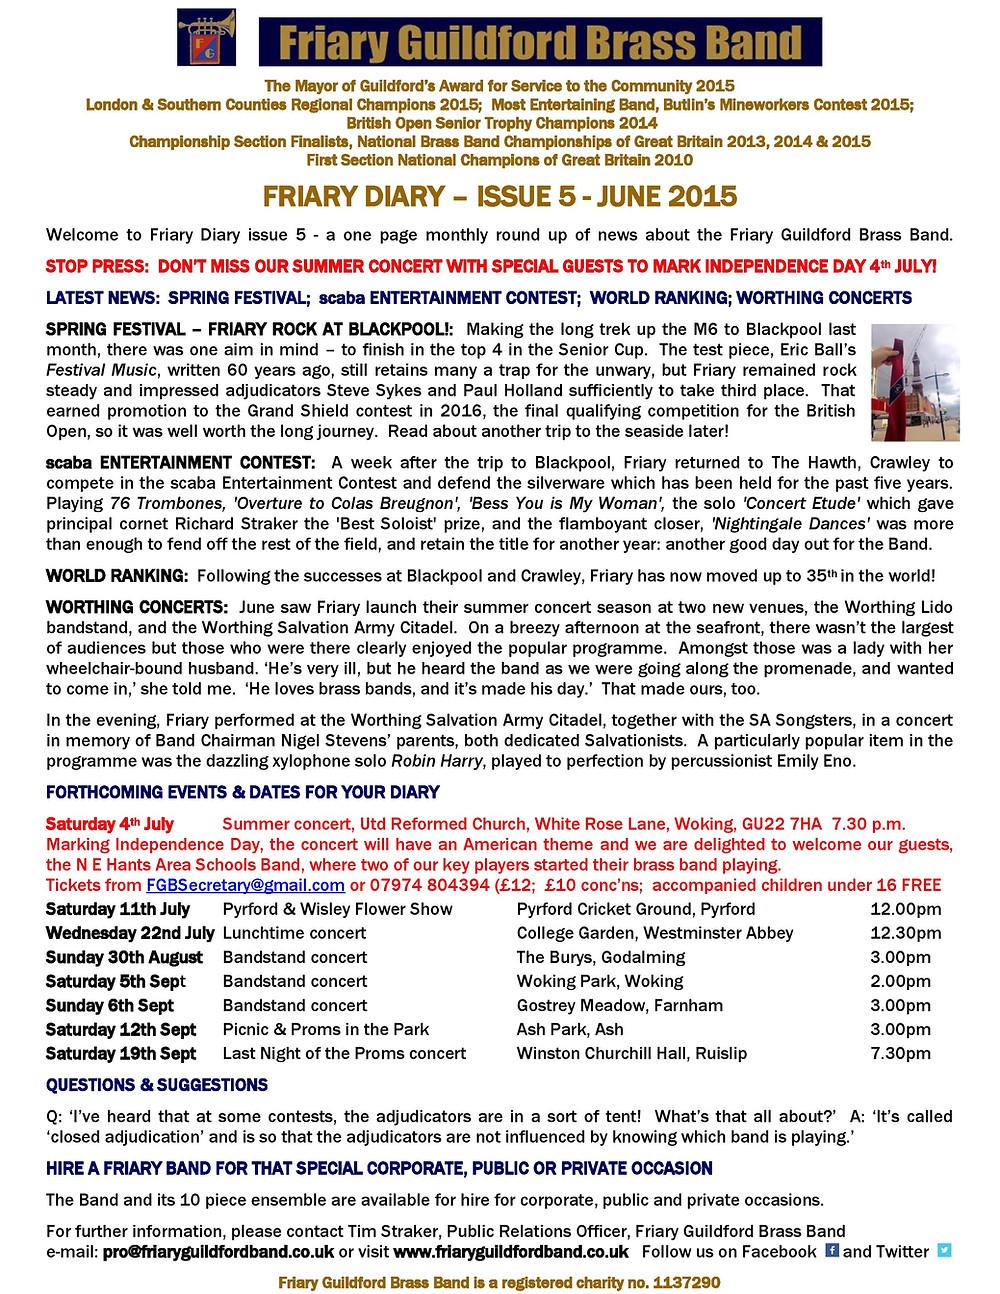 Friary Diary June 2015.jpg